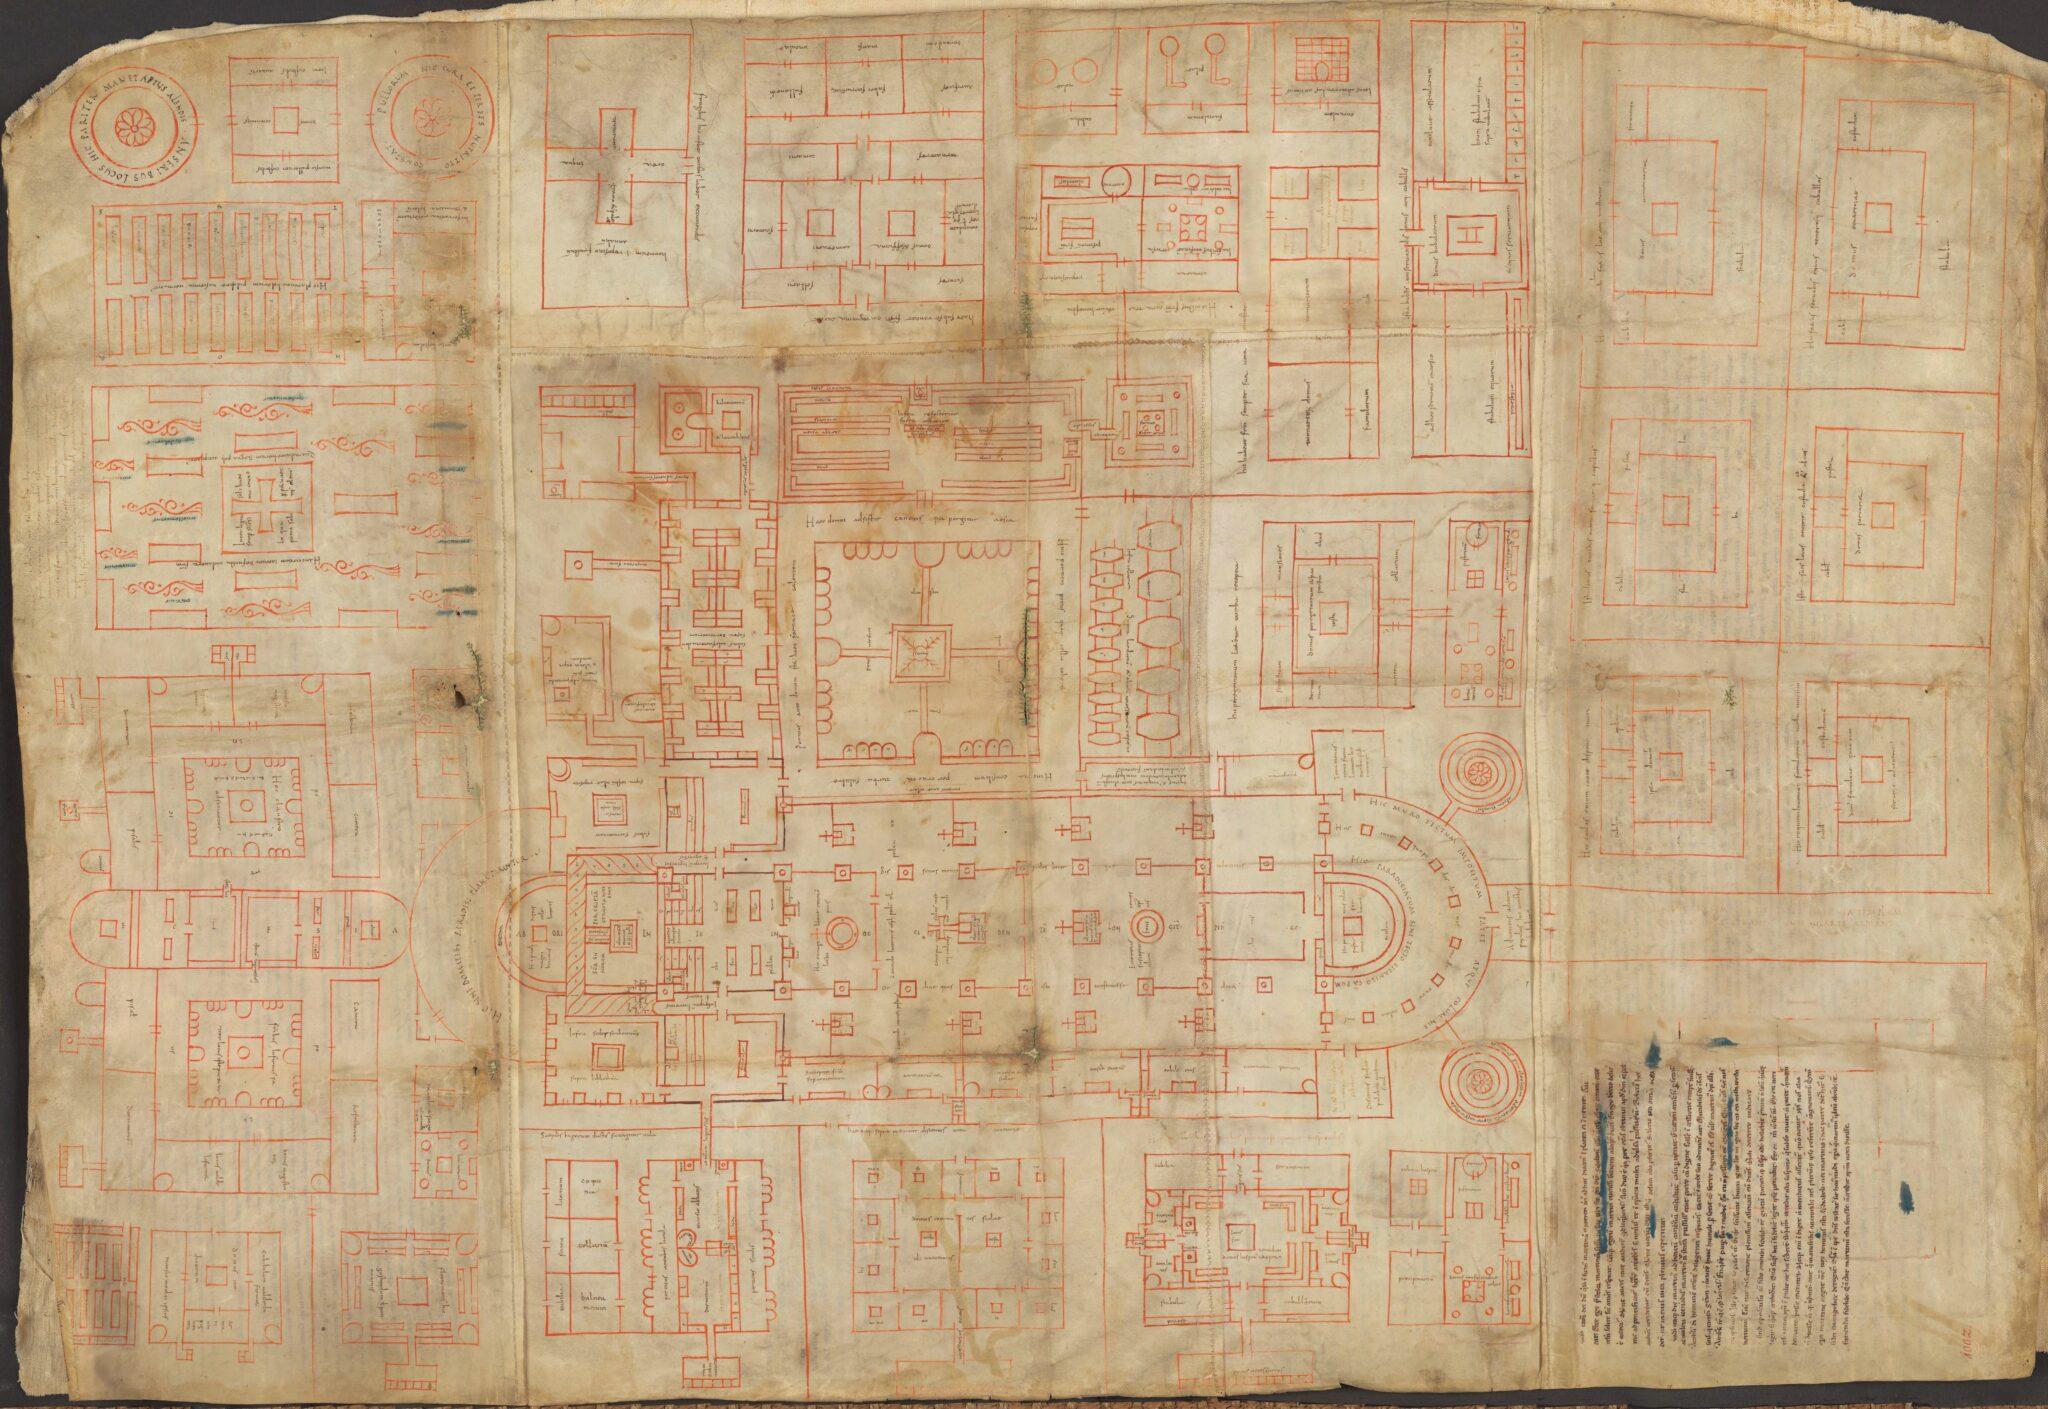 Klosterplan für das Kloster St.Gallen aus dem Jahr 820